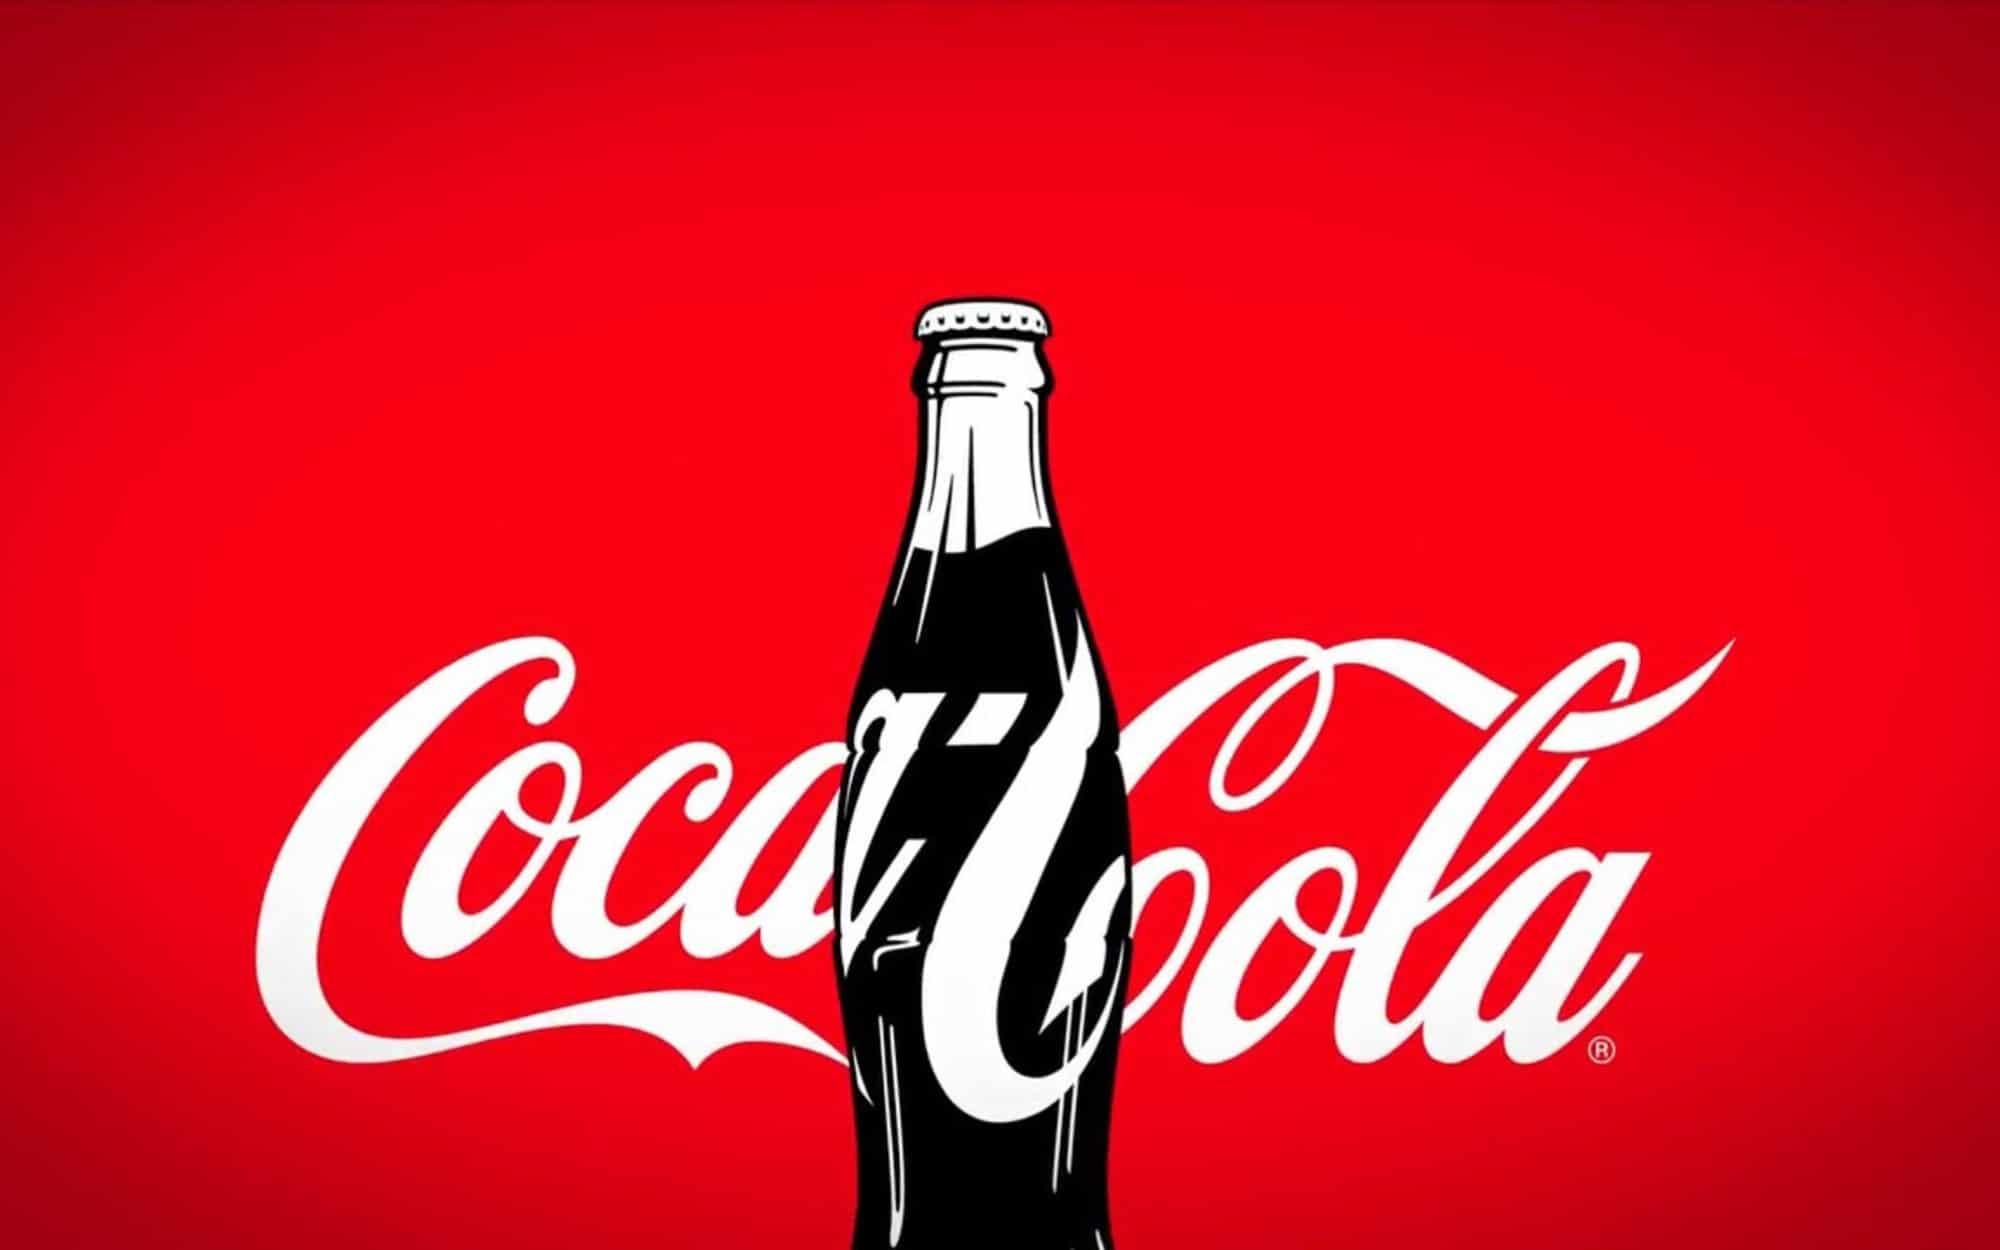 Coca-Cola evid